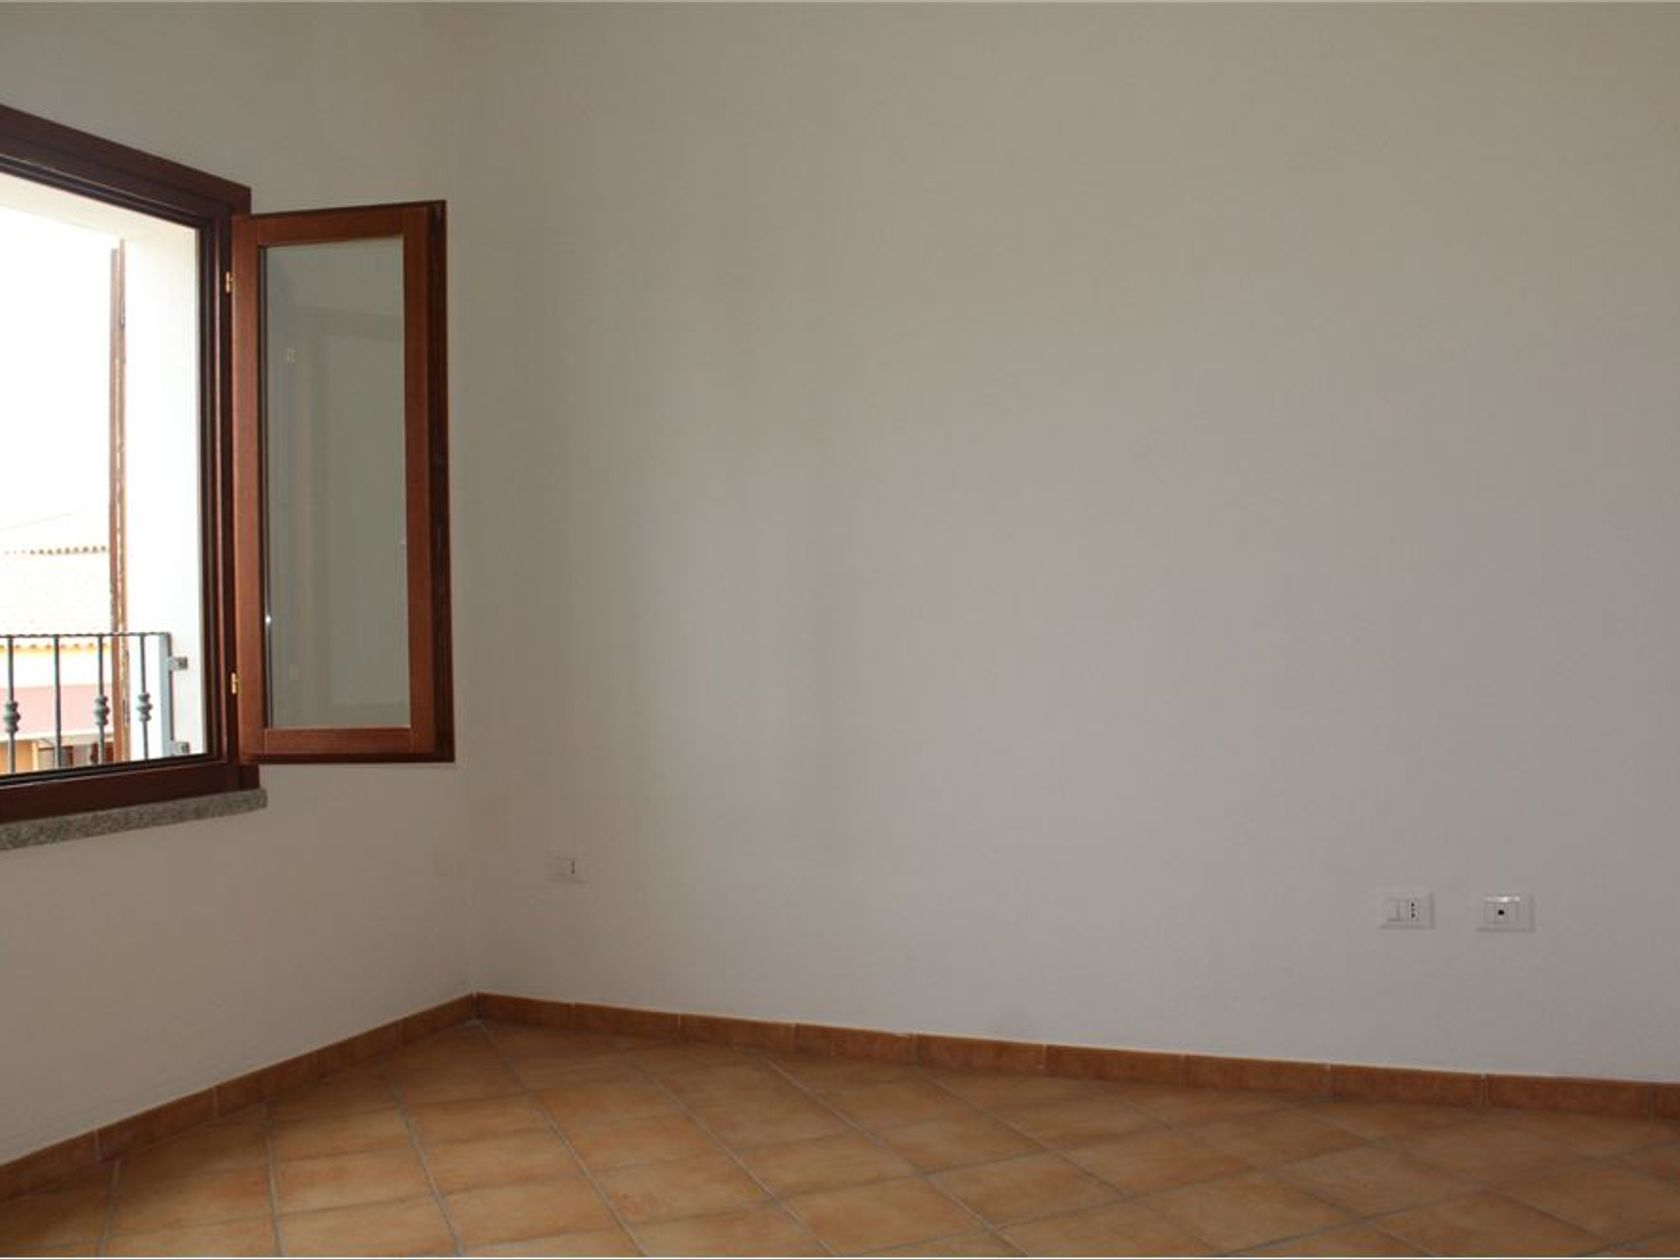 Appartamento Santa Teresa Gallura, OT Vendita - Foto 2